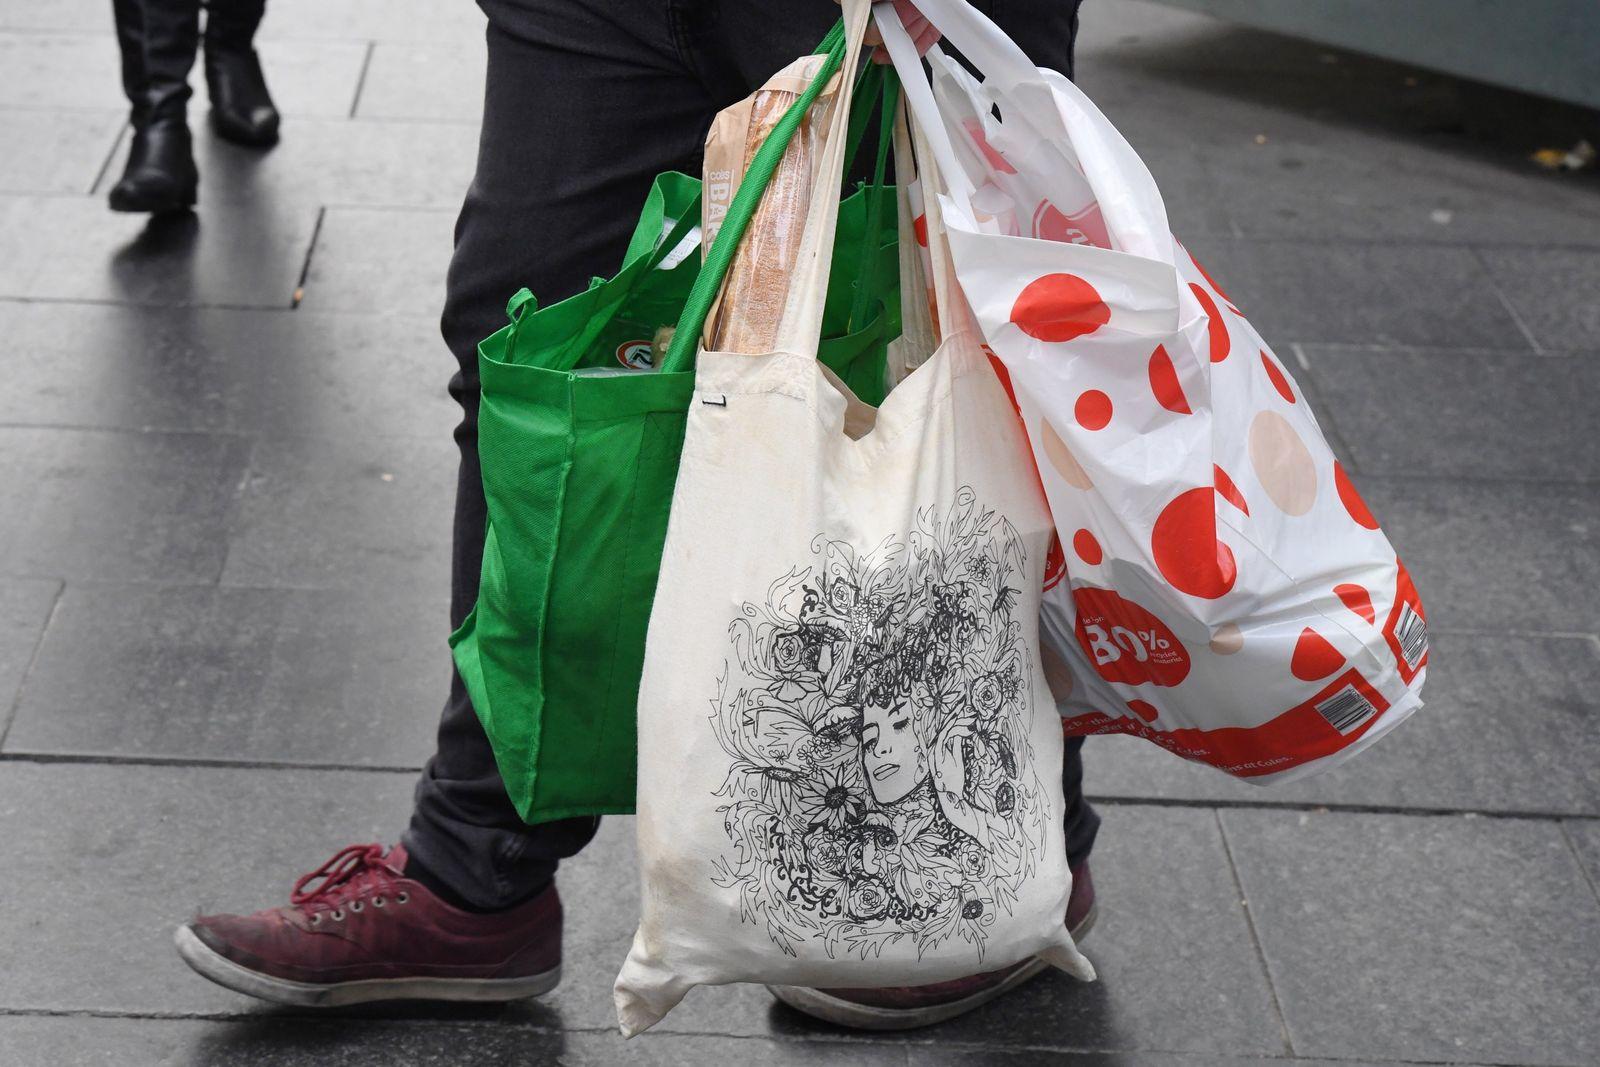 SINGLE USE PLASTIC BAG BAN STOCK